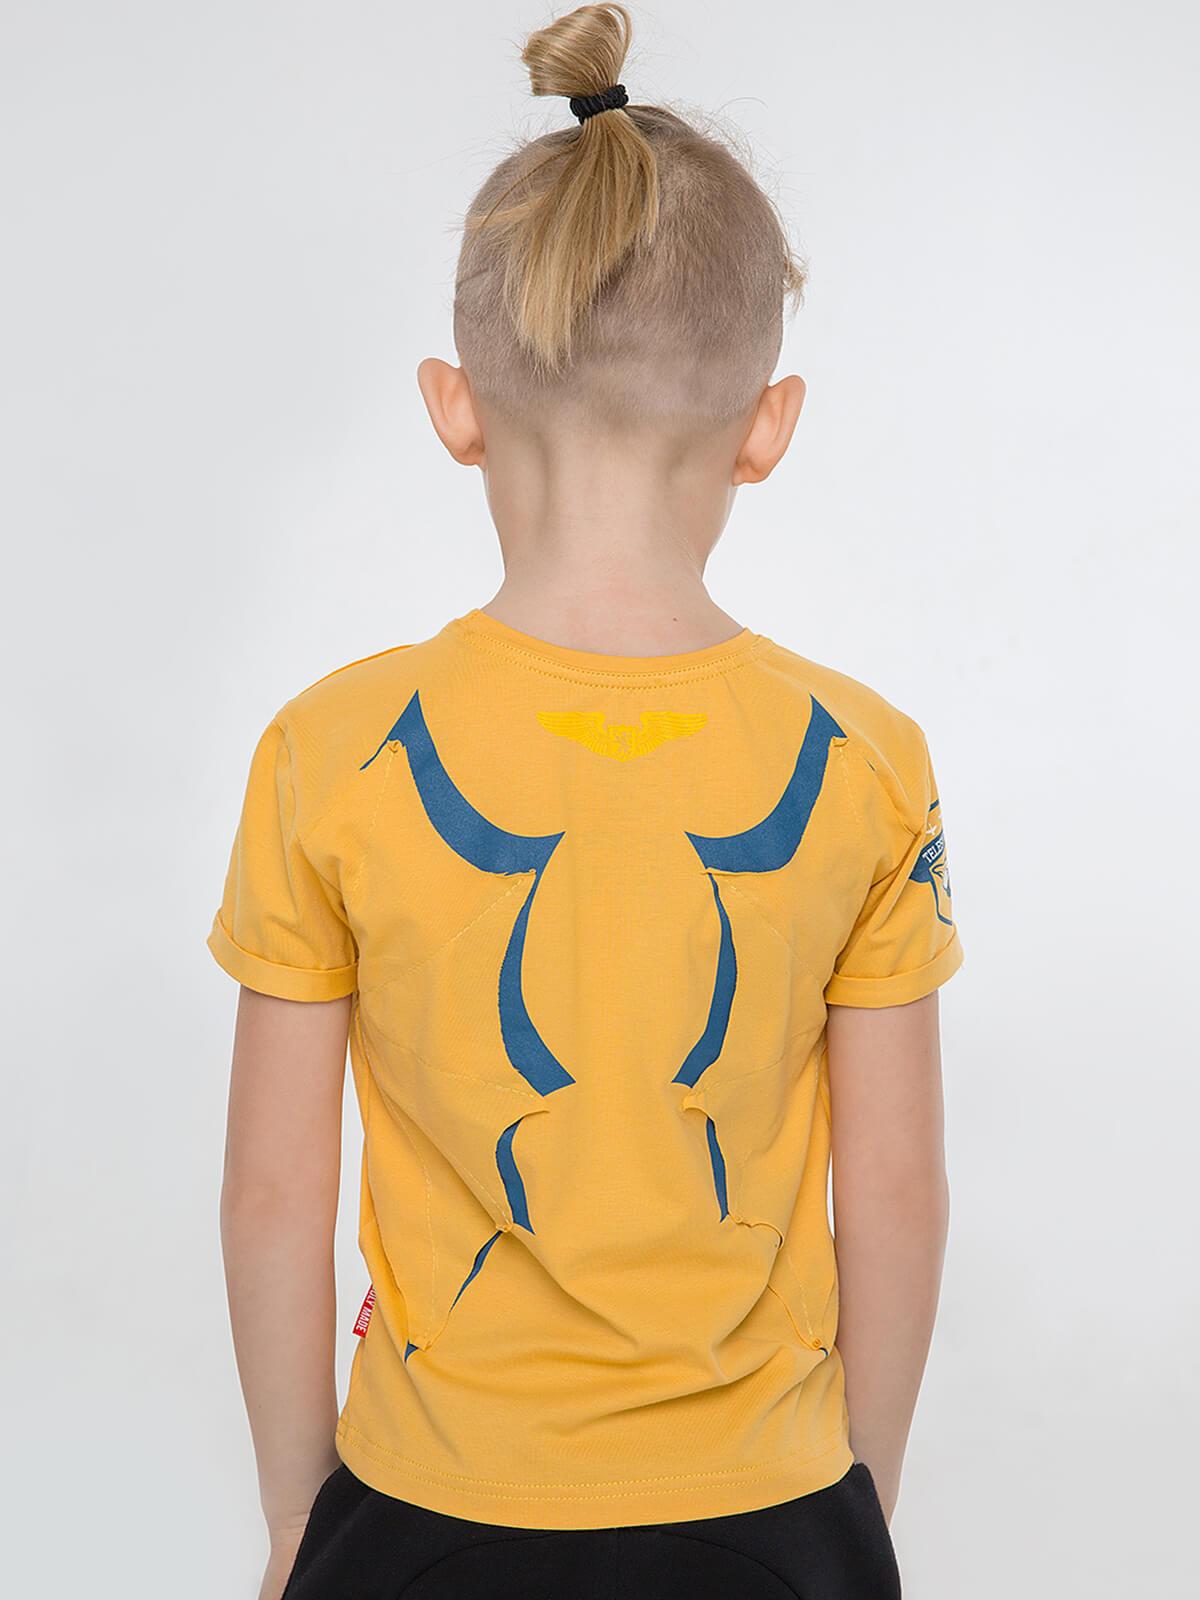 Kids T-Shirt Dragon. Color yellow. .